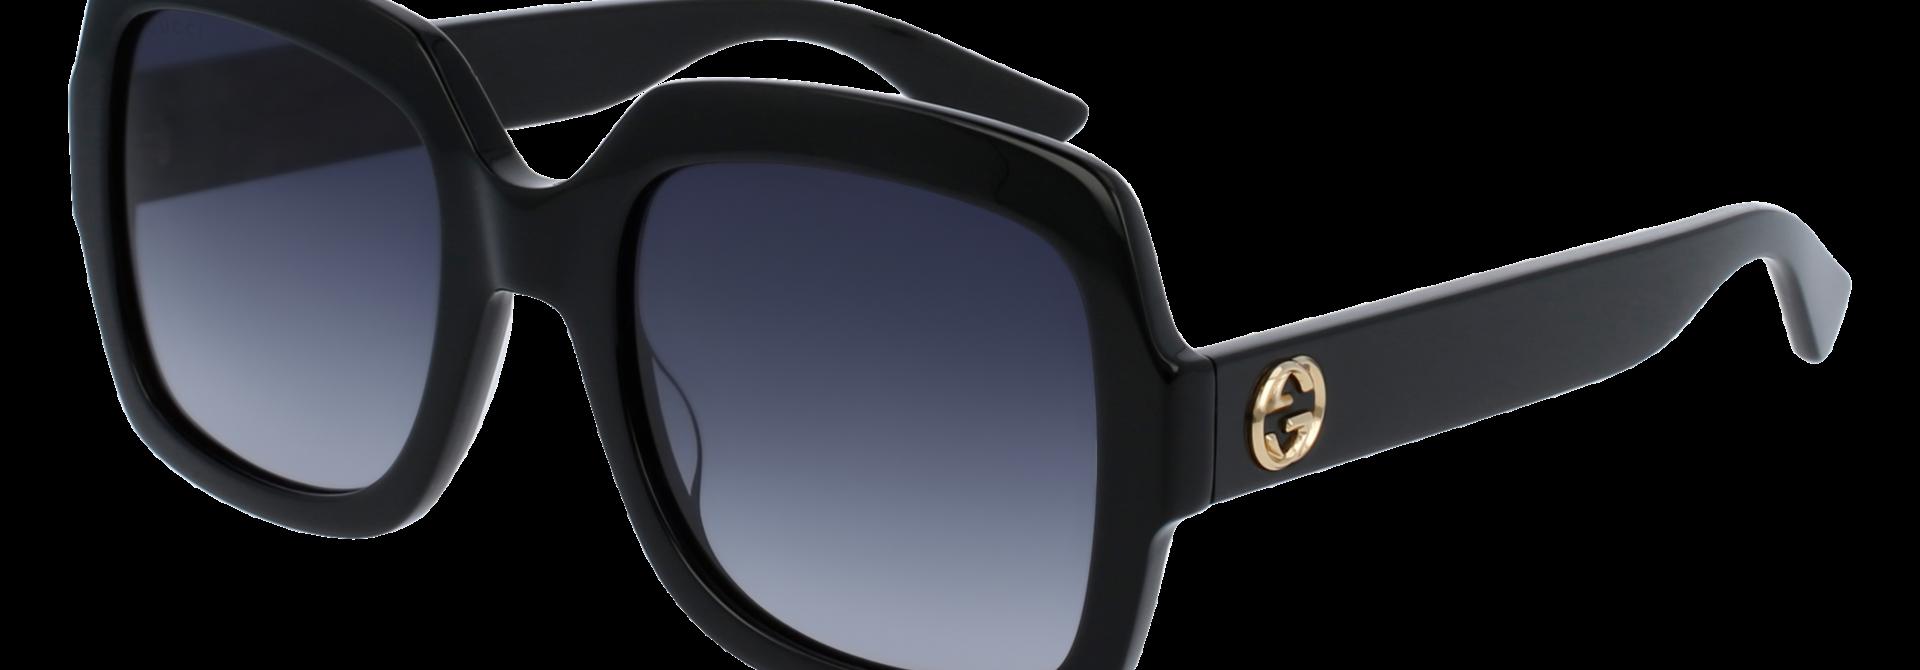 Gucci - GG0036S - 1